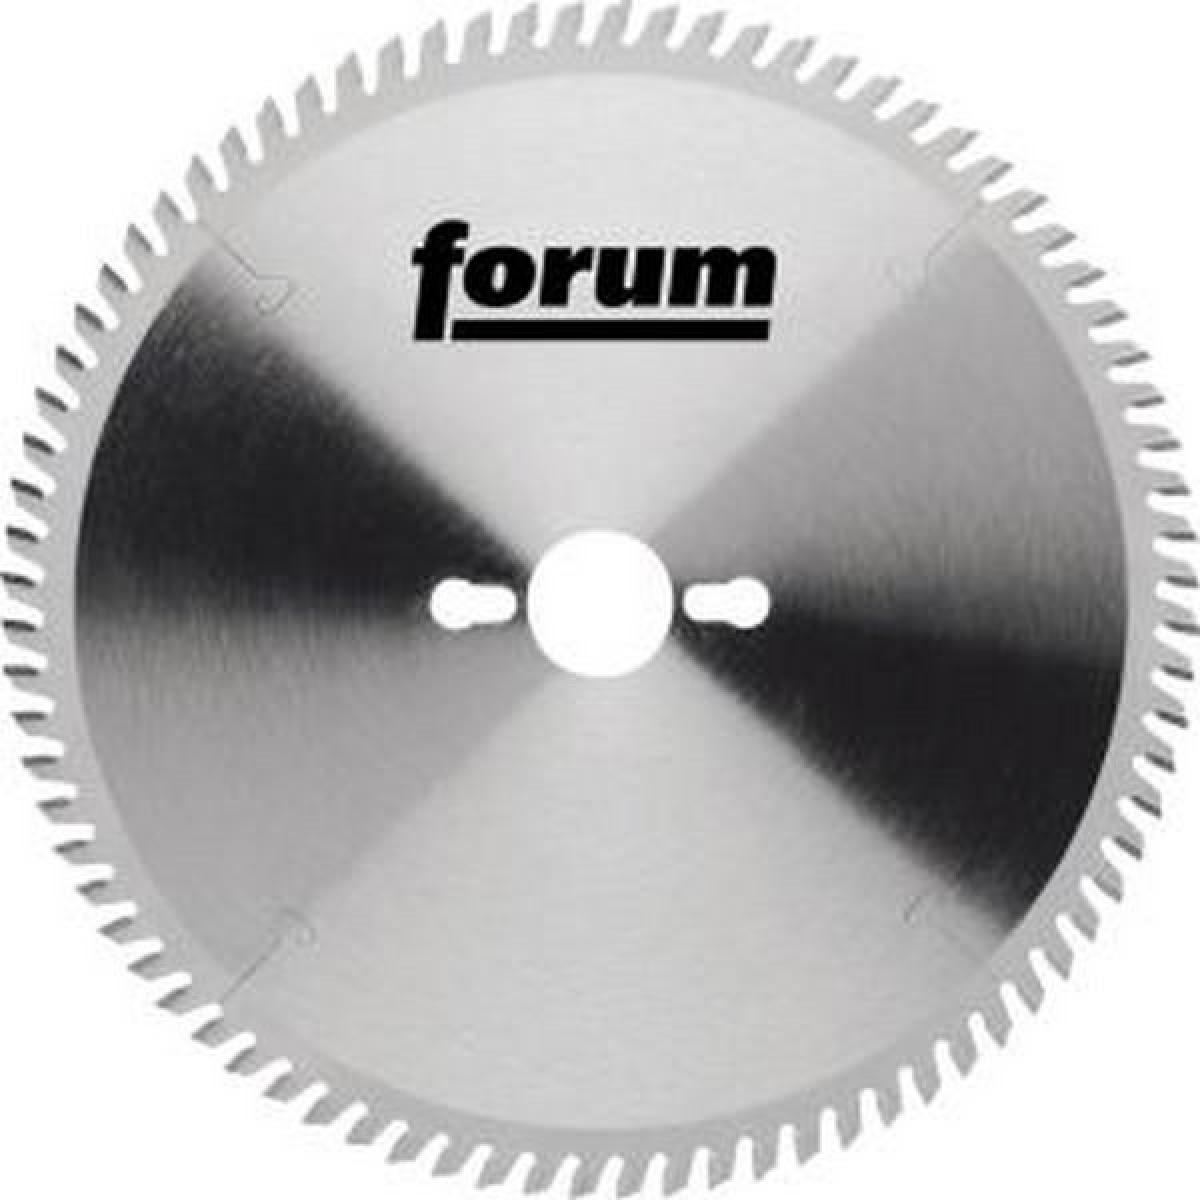 Forum Lame de scie circulaire, Ø : 450 mm, Larg. : 3,8 mm, Alésage 30 mm, Perçages secondaires : 2KNL*, Dents : 32